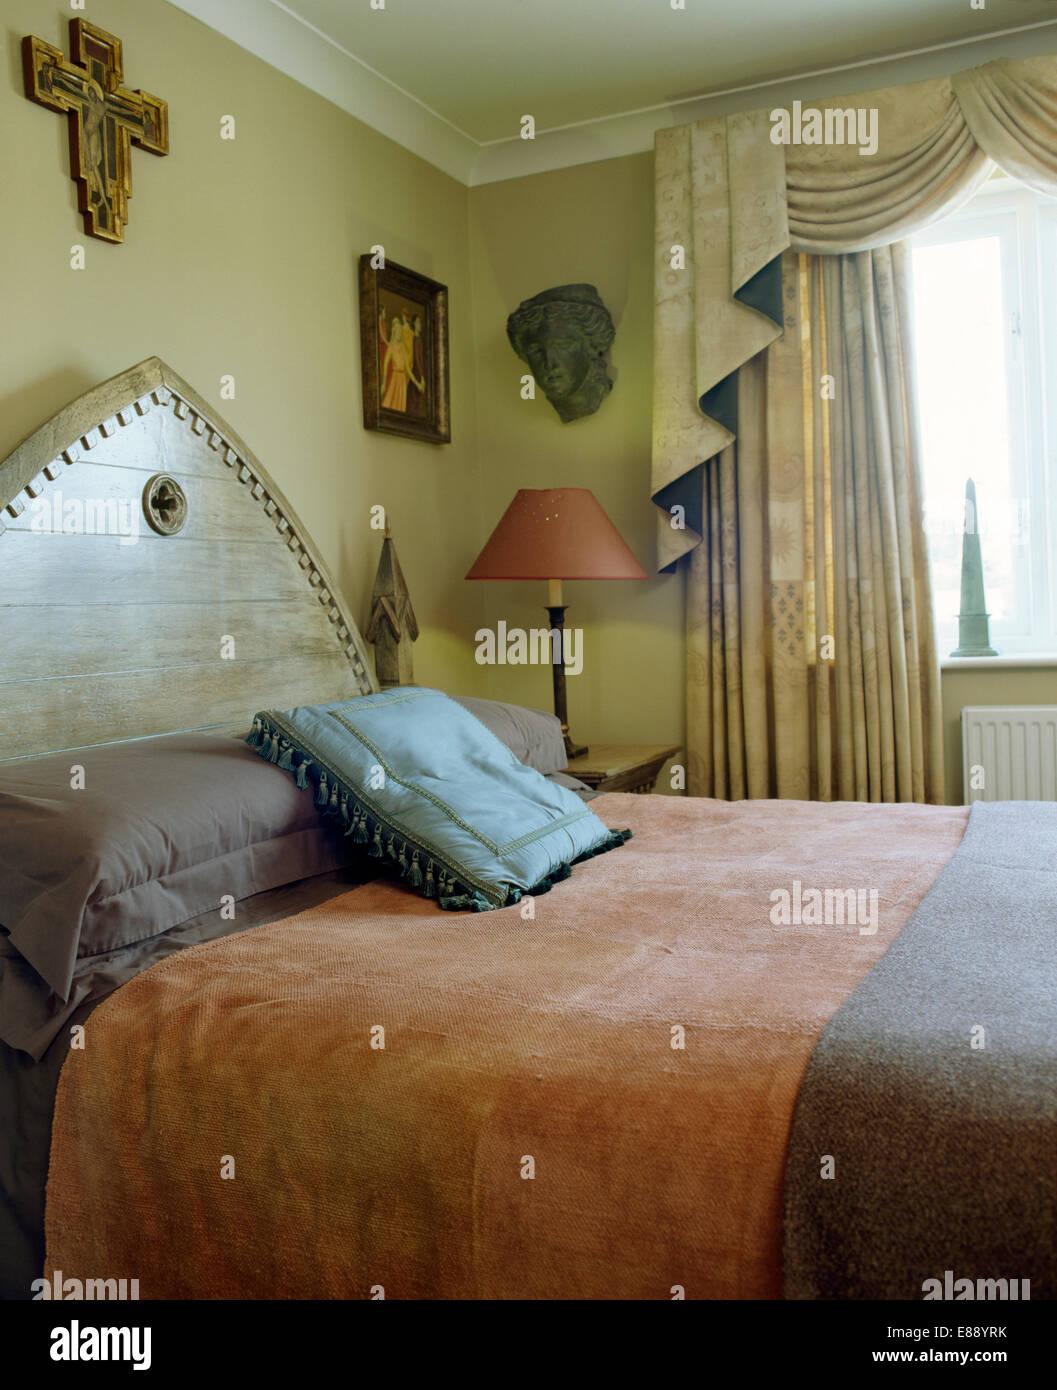 bett mit kopfteil und rosa und blau bettdecke gotische und werfen in schlafzimmer mit swagged und - Gotische Himmelbettvorhnge